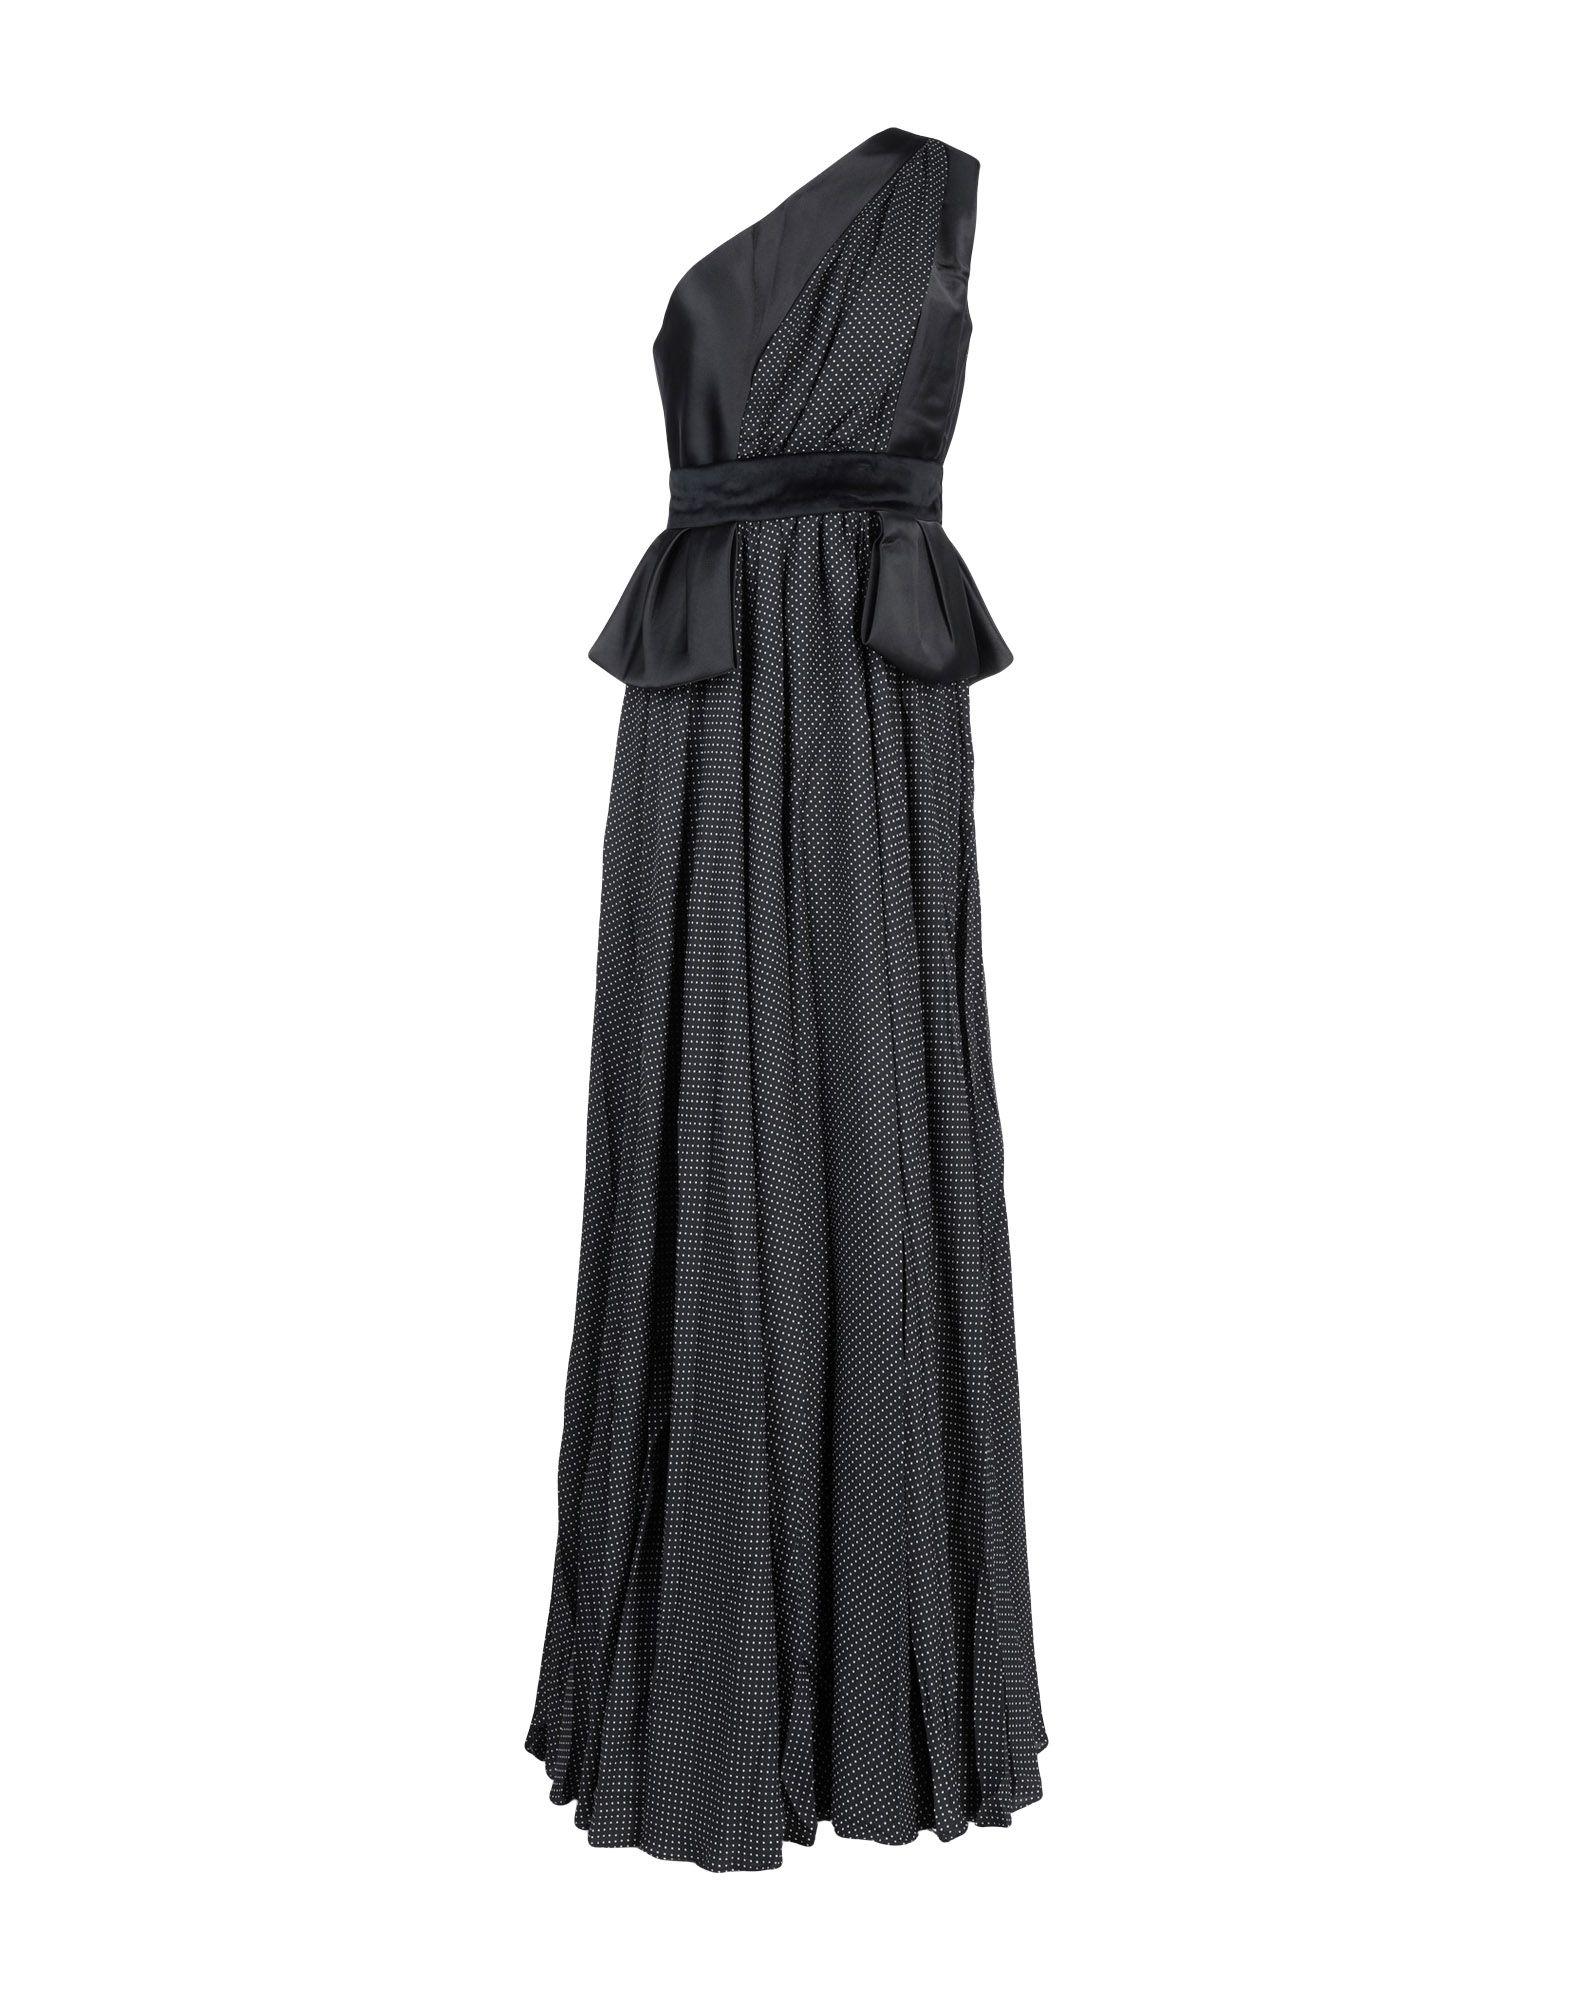 ISABEL GARCIA Длинное платье 923 зима полный дрель бархат вечернее платье длинное плечо банкет тост одежды тонкий тонкий хост